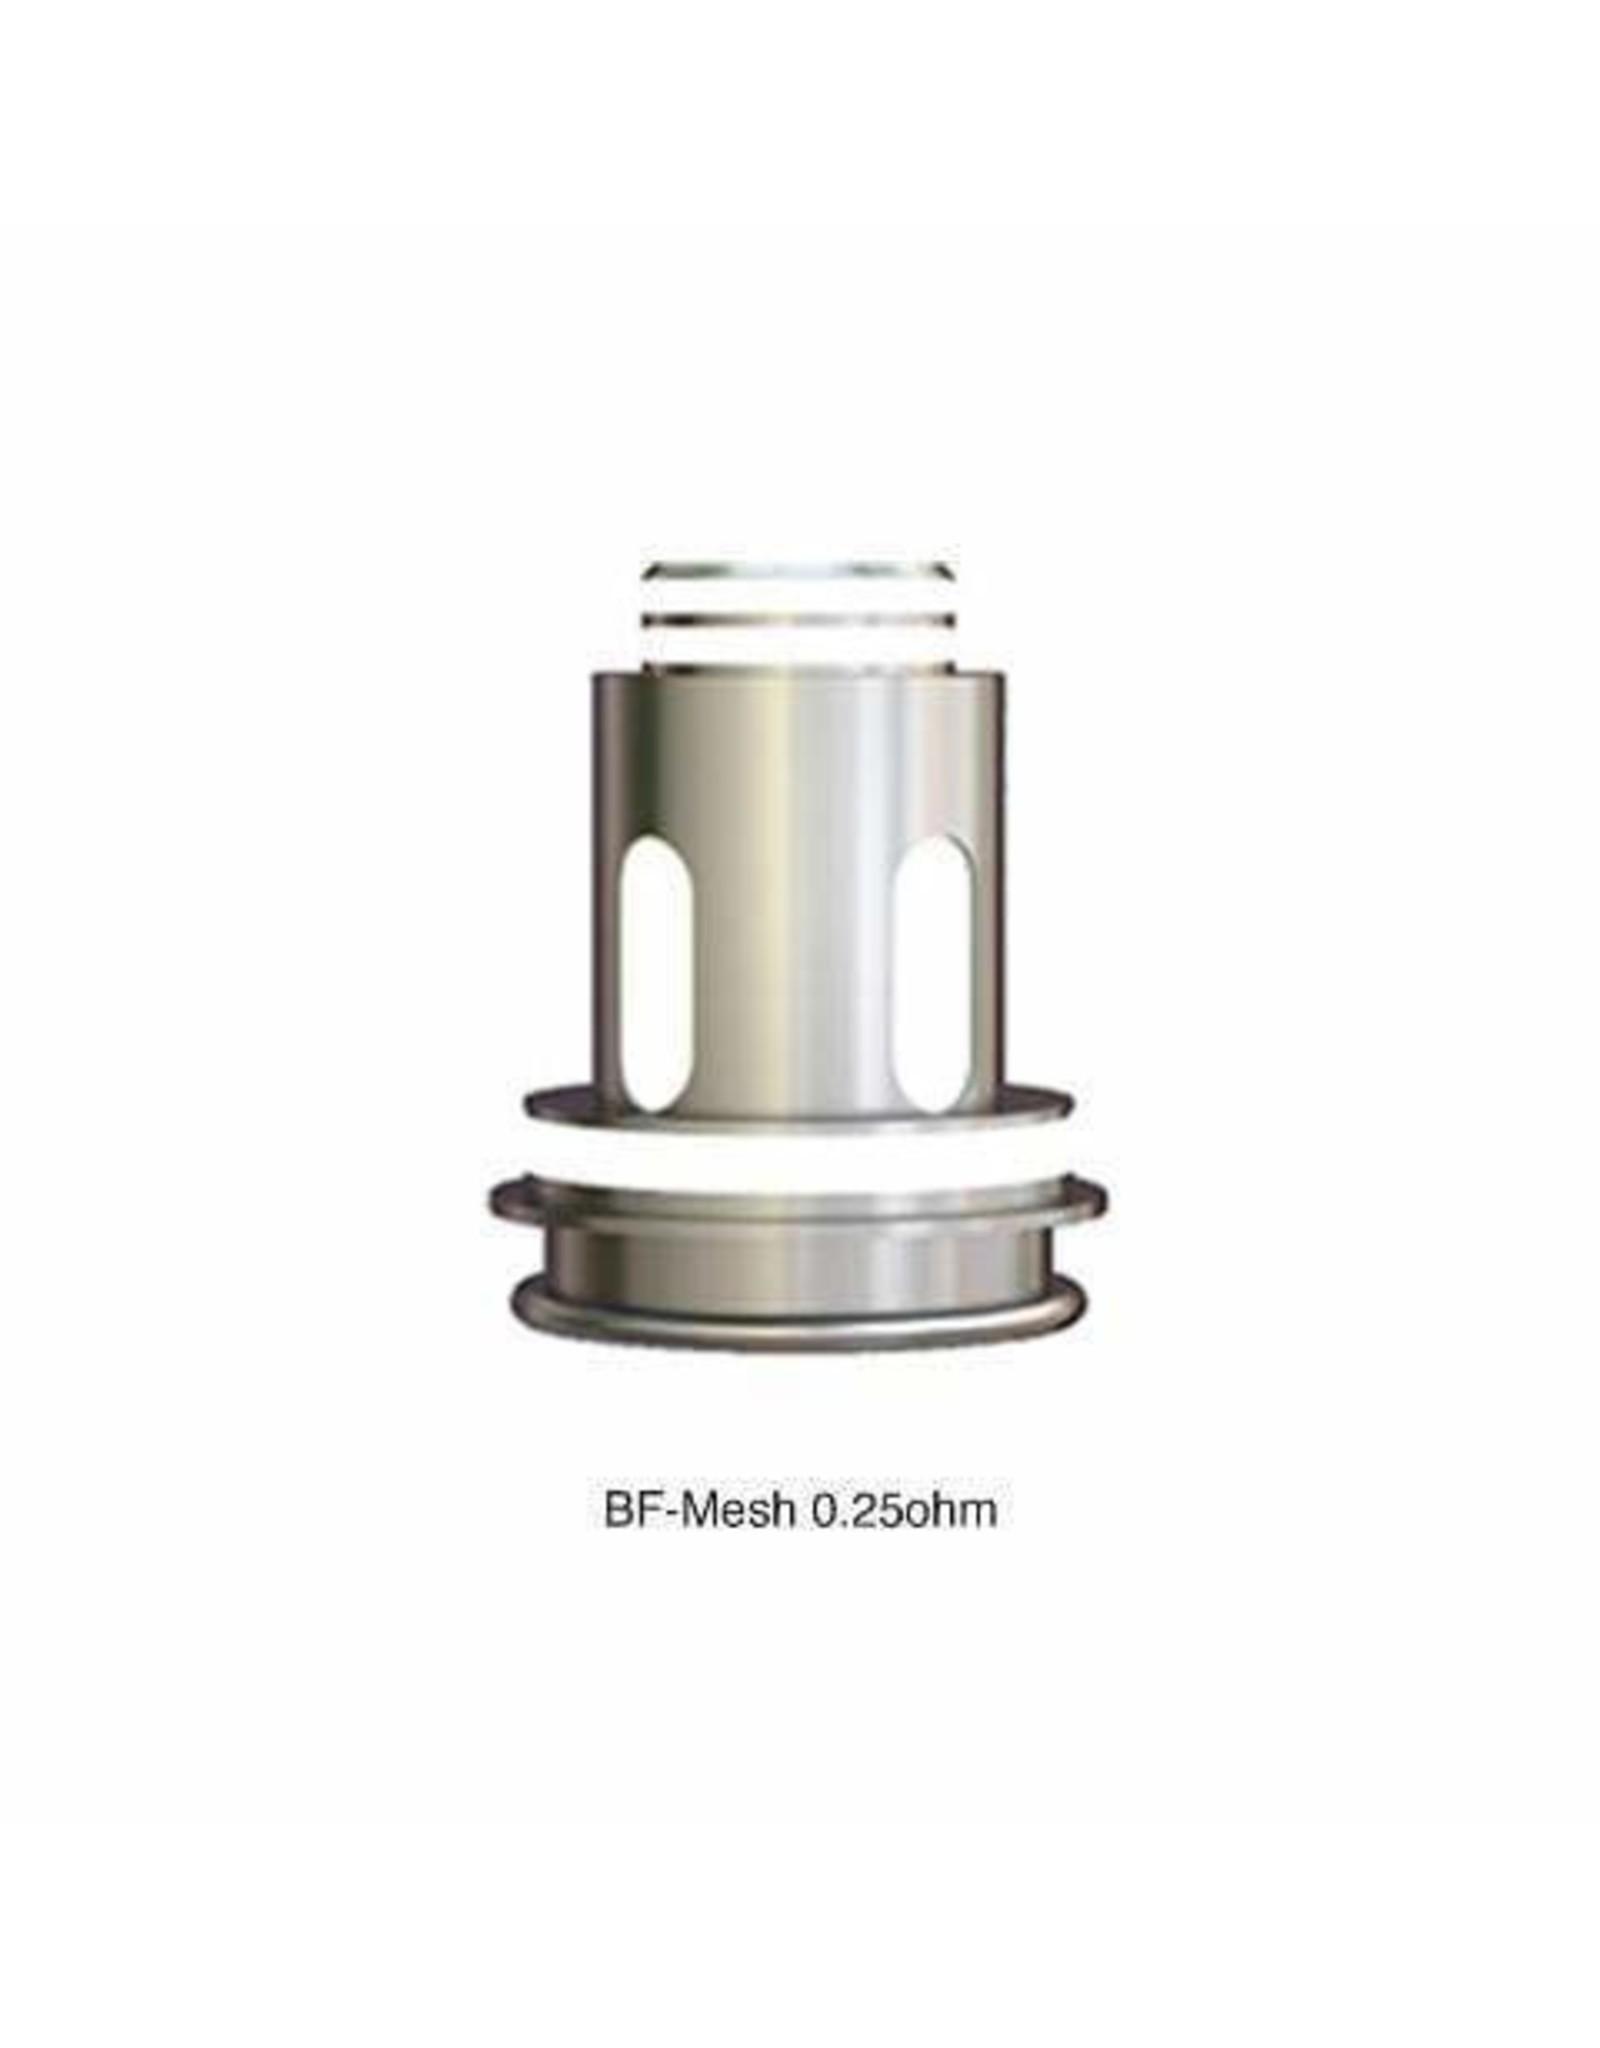 Smok Smok TF Tank Replacement Coils (Single) 0.25 ohm